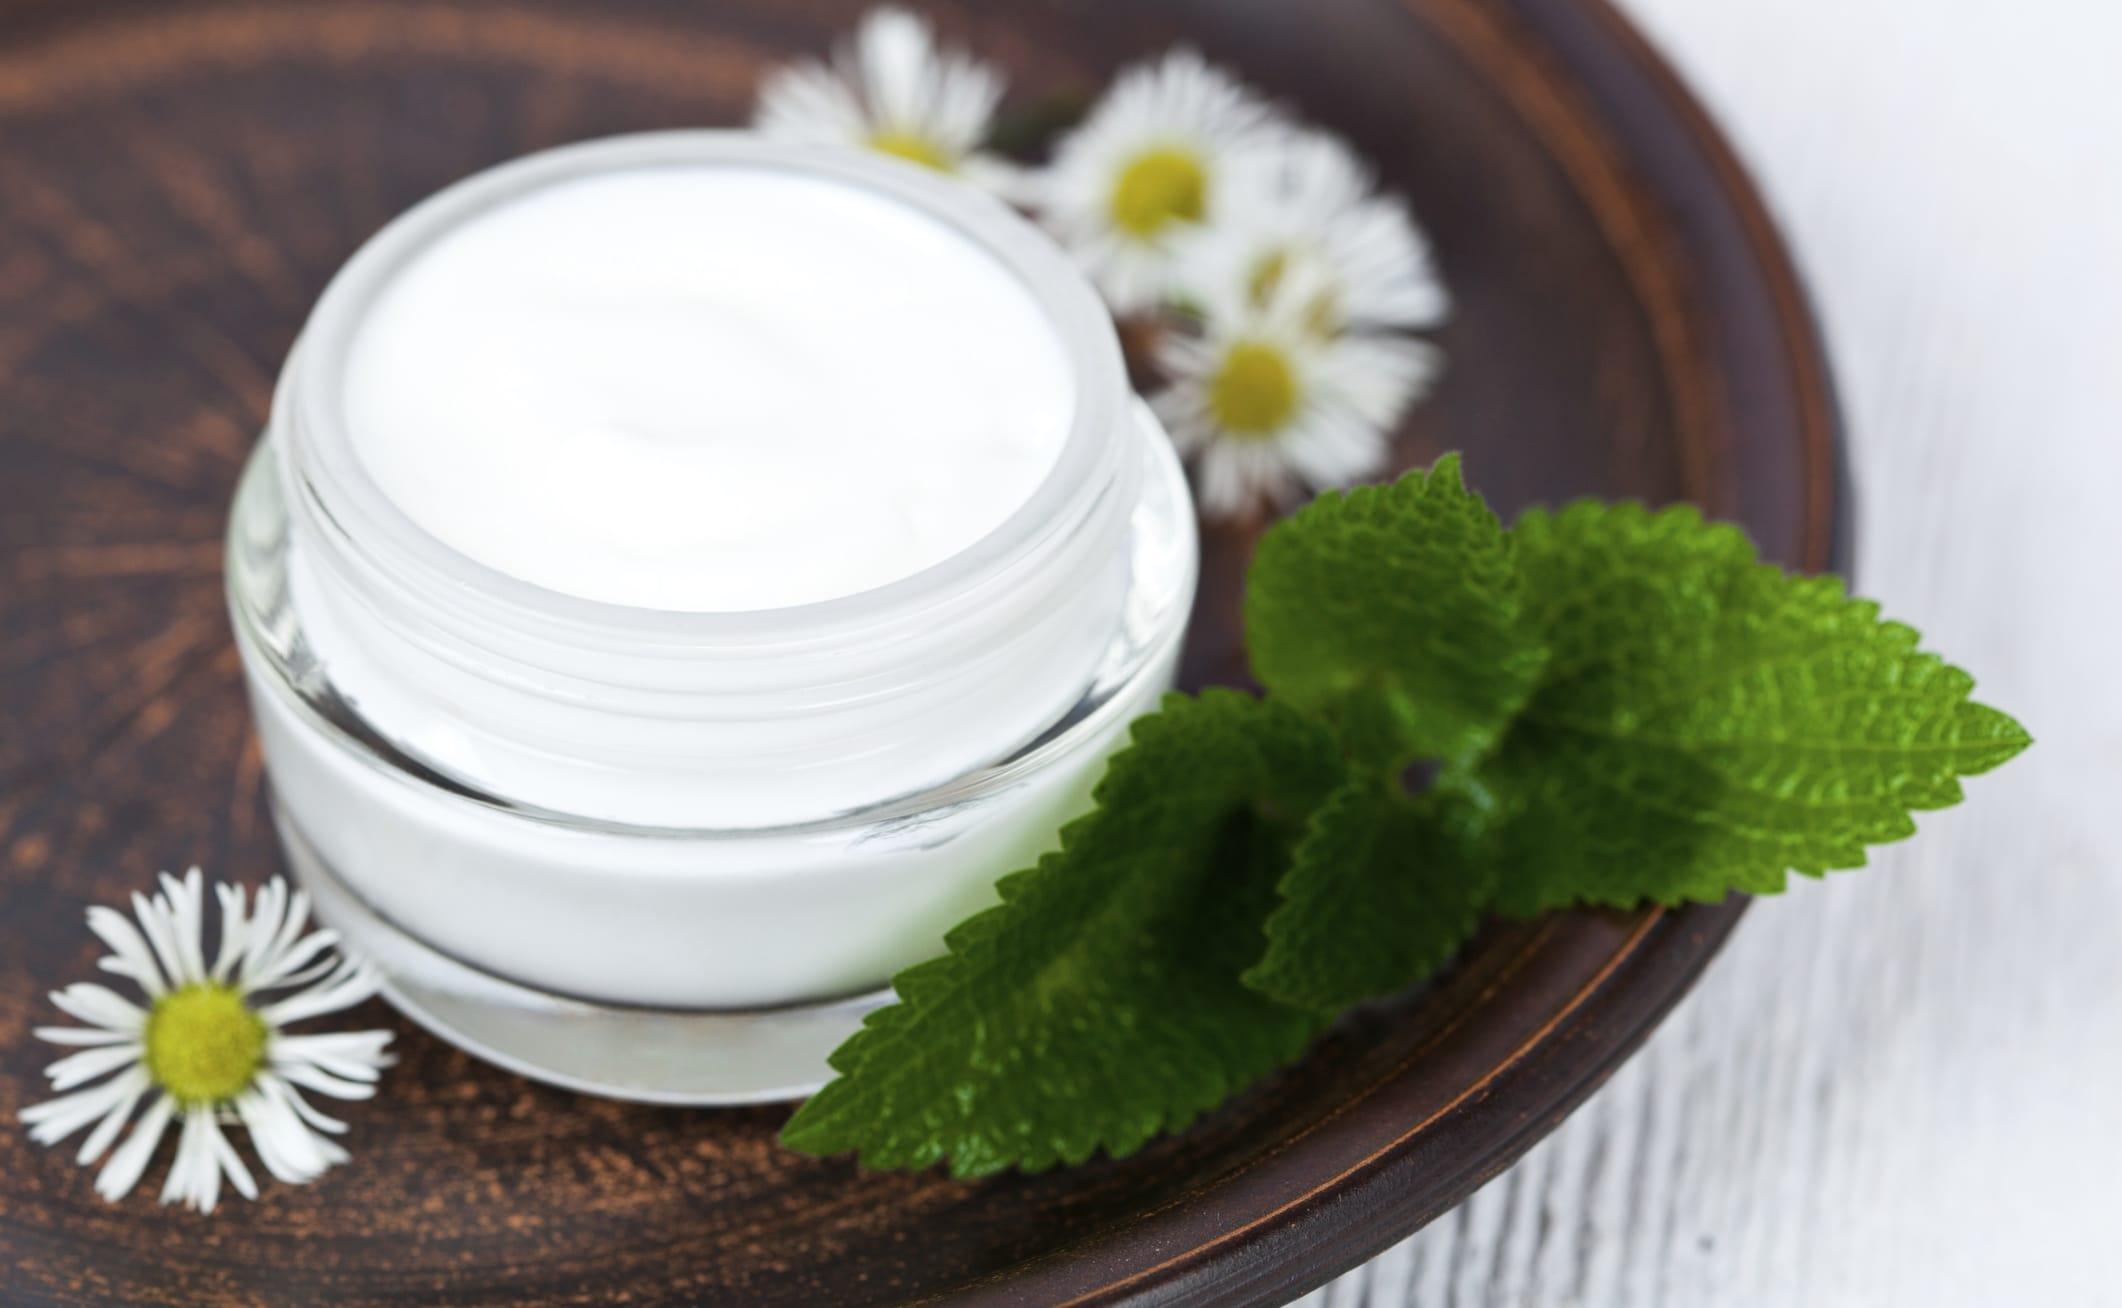 I rimedi naturali contro le cicatrici e la ricetta per preparare in casa una crema per eliminare i segni